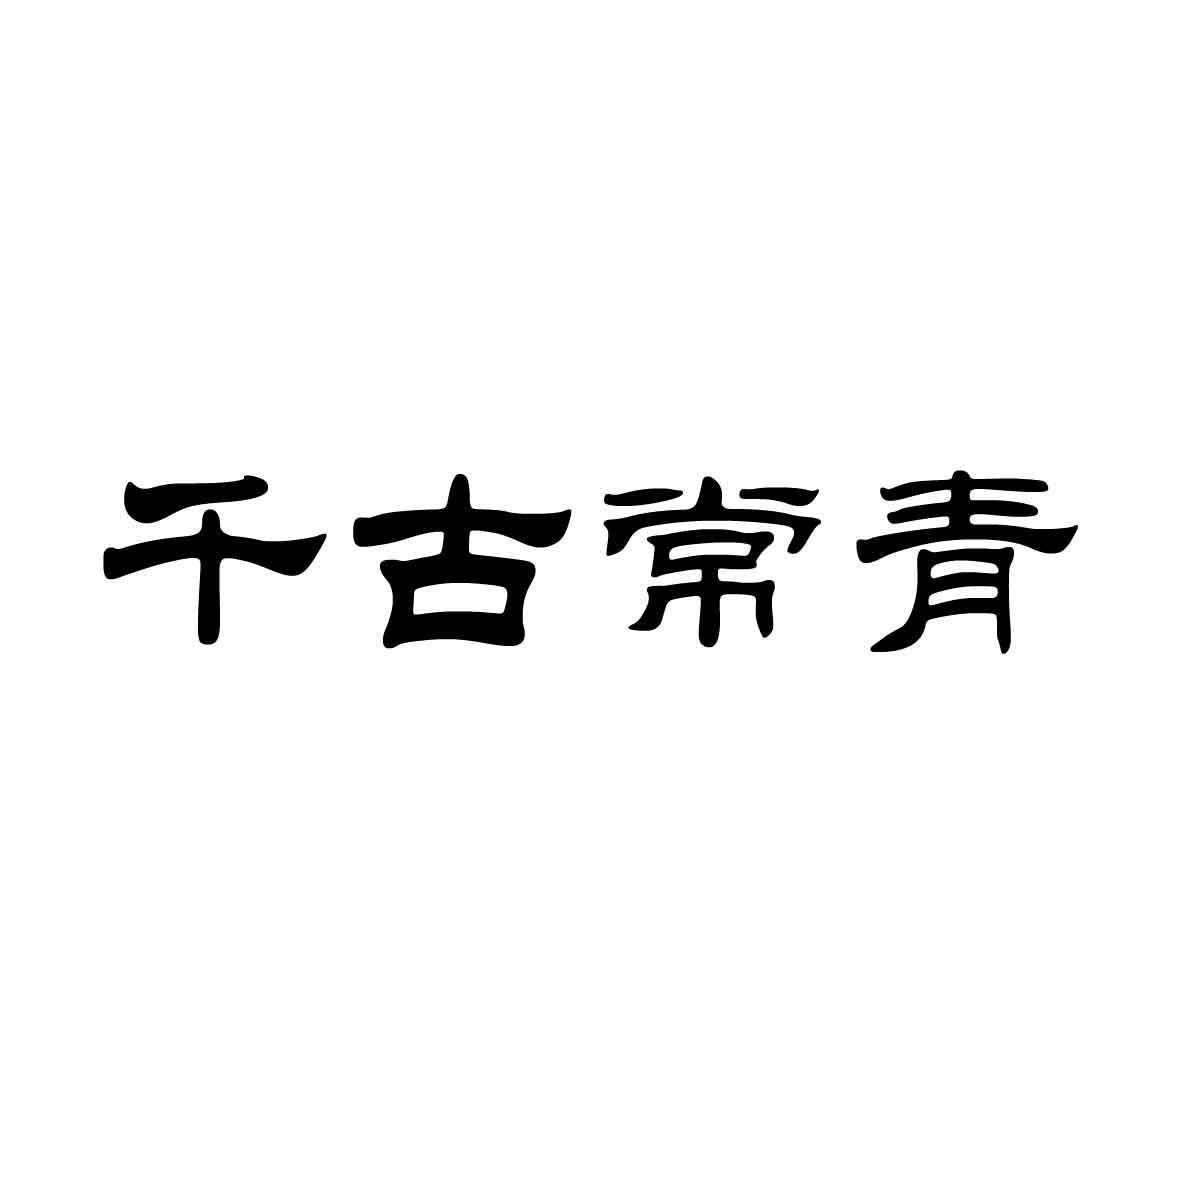 杭州市商标转让-30类面点饮品-千古常青